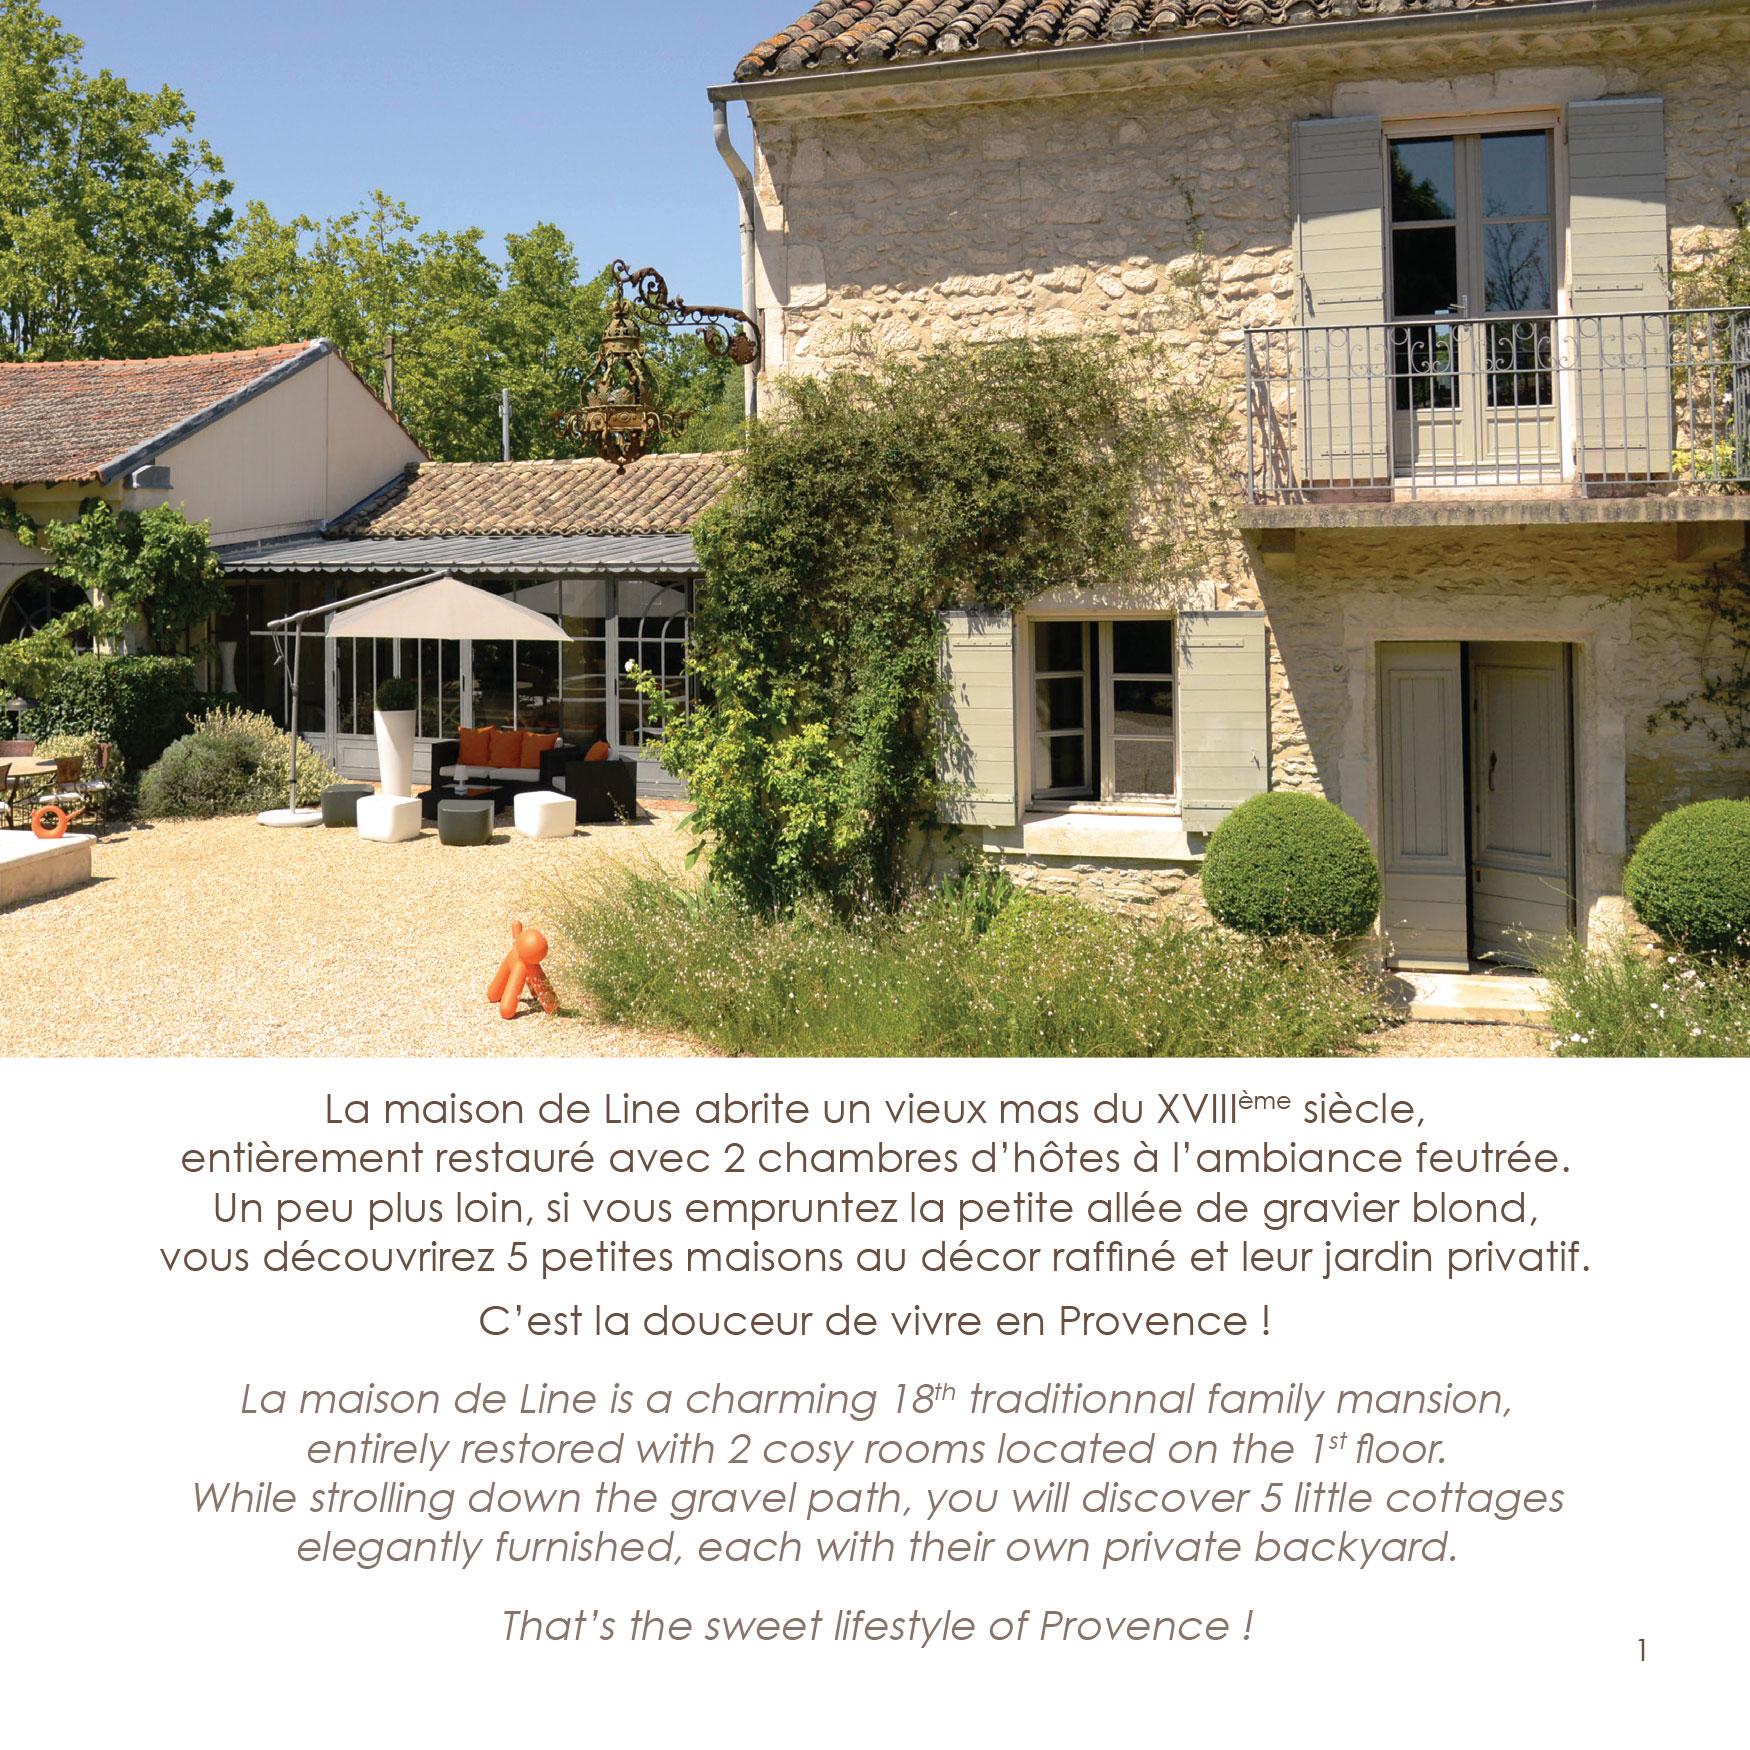 Brochure la maison de line chambres d 39 h tes et g tes de charme saint r my de provence - Chambres d hotes saint remy de provence ...